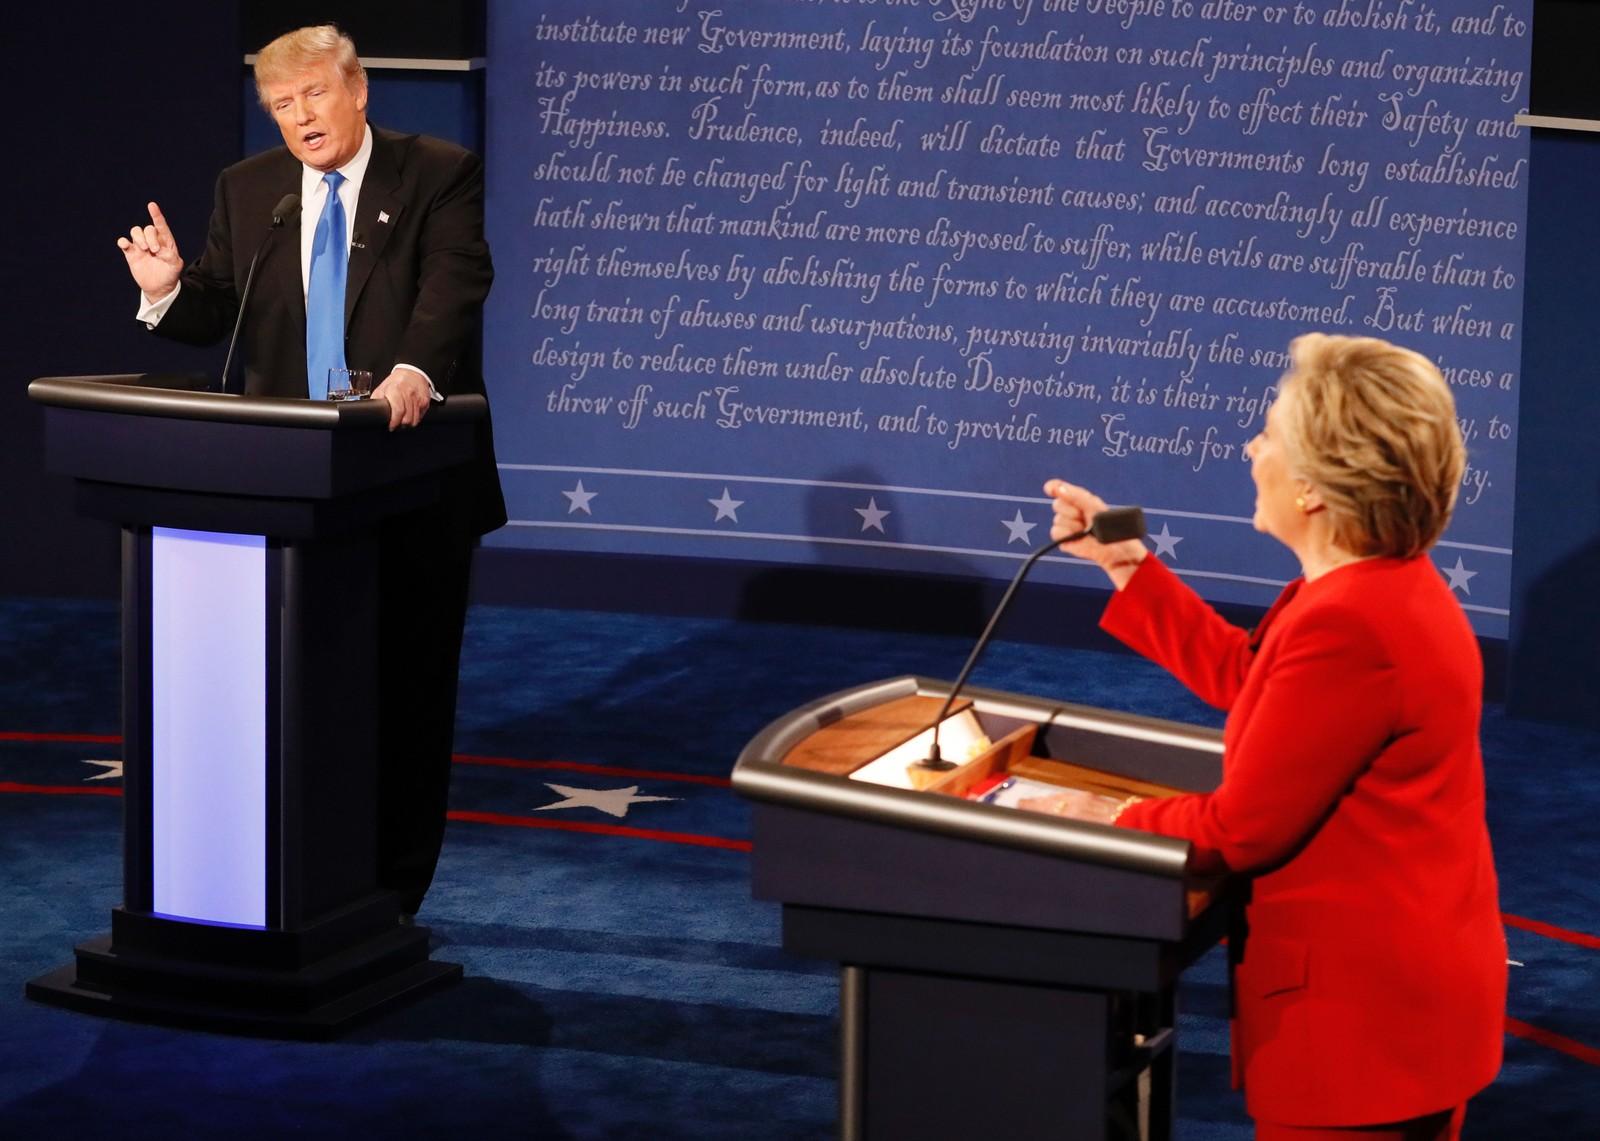 I løpet av debatten ble fingre pekt, både til værs og mot hverandre.